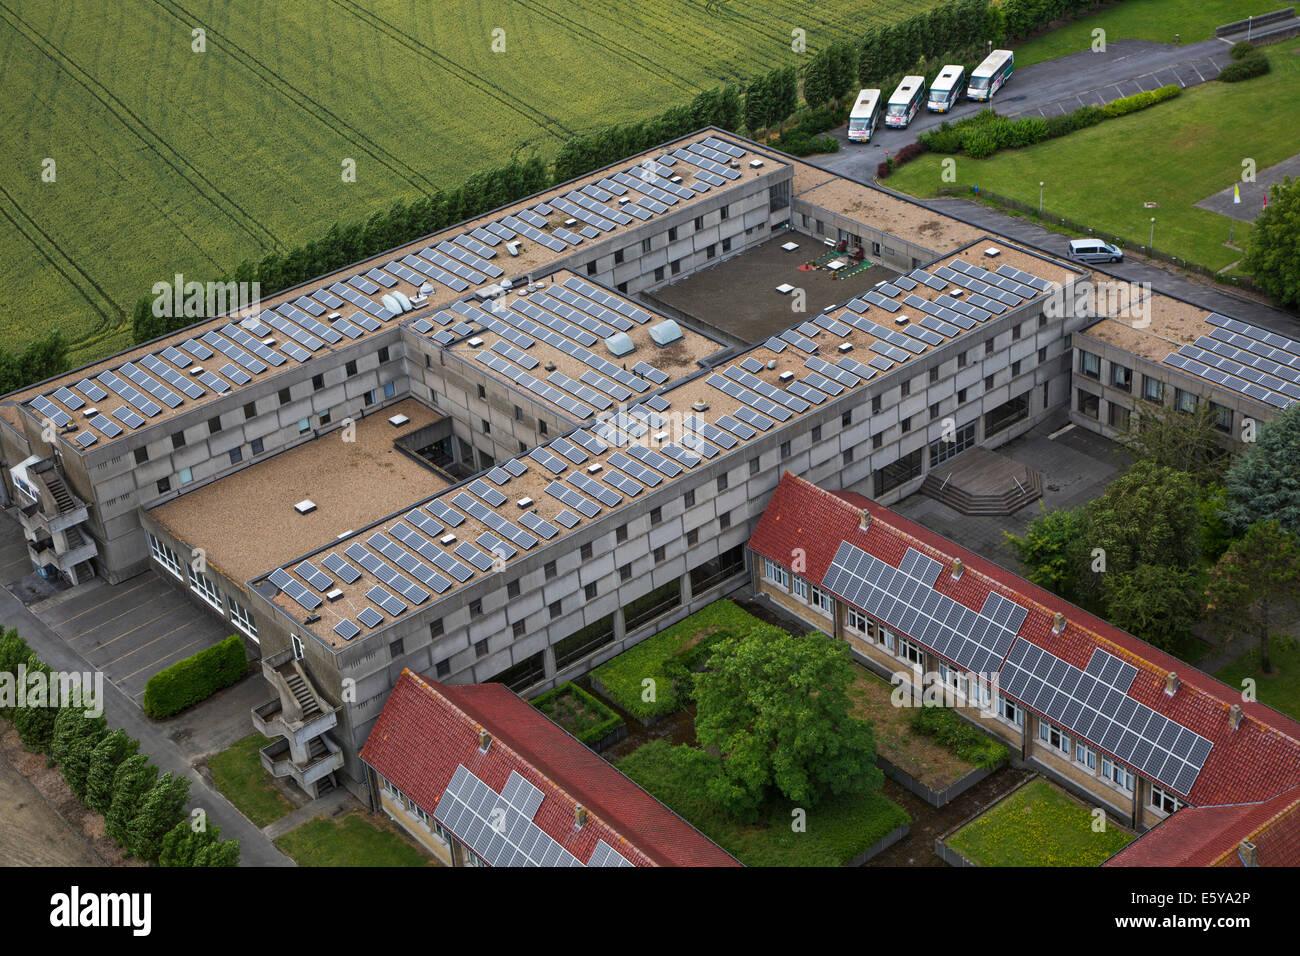 Des panneaux solaires photovoltaïques sur le toit de l'électricité à l'énergie Photo Stock